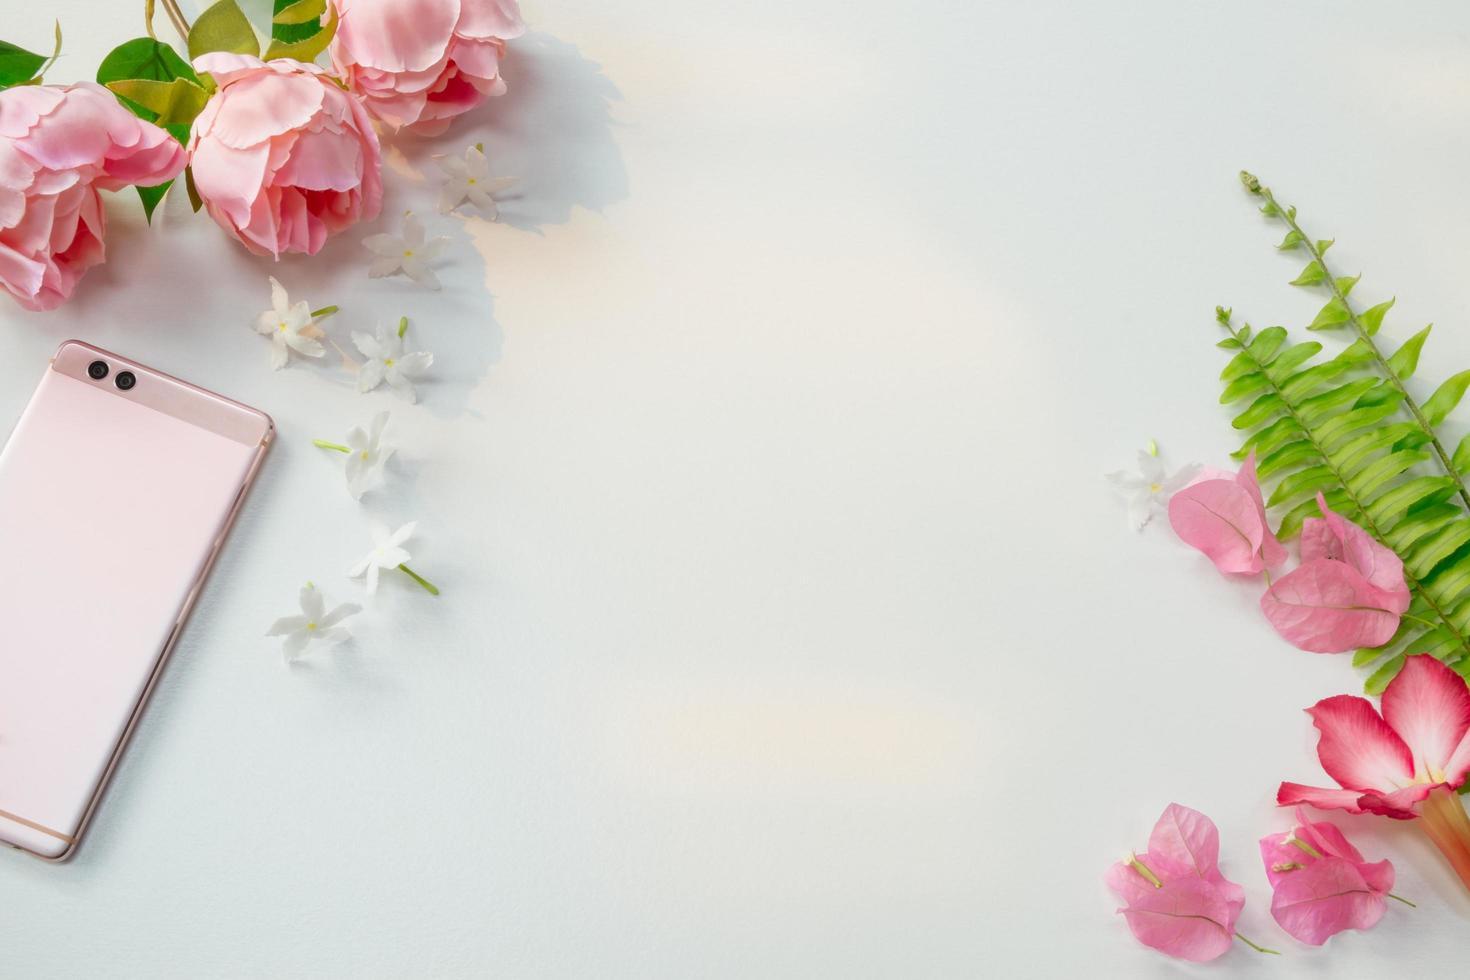 rosa blommor med ormbunkar och smartphone foto